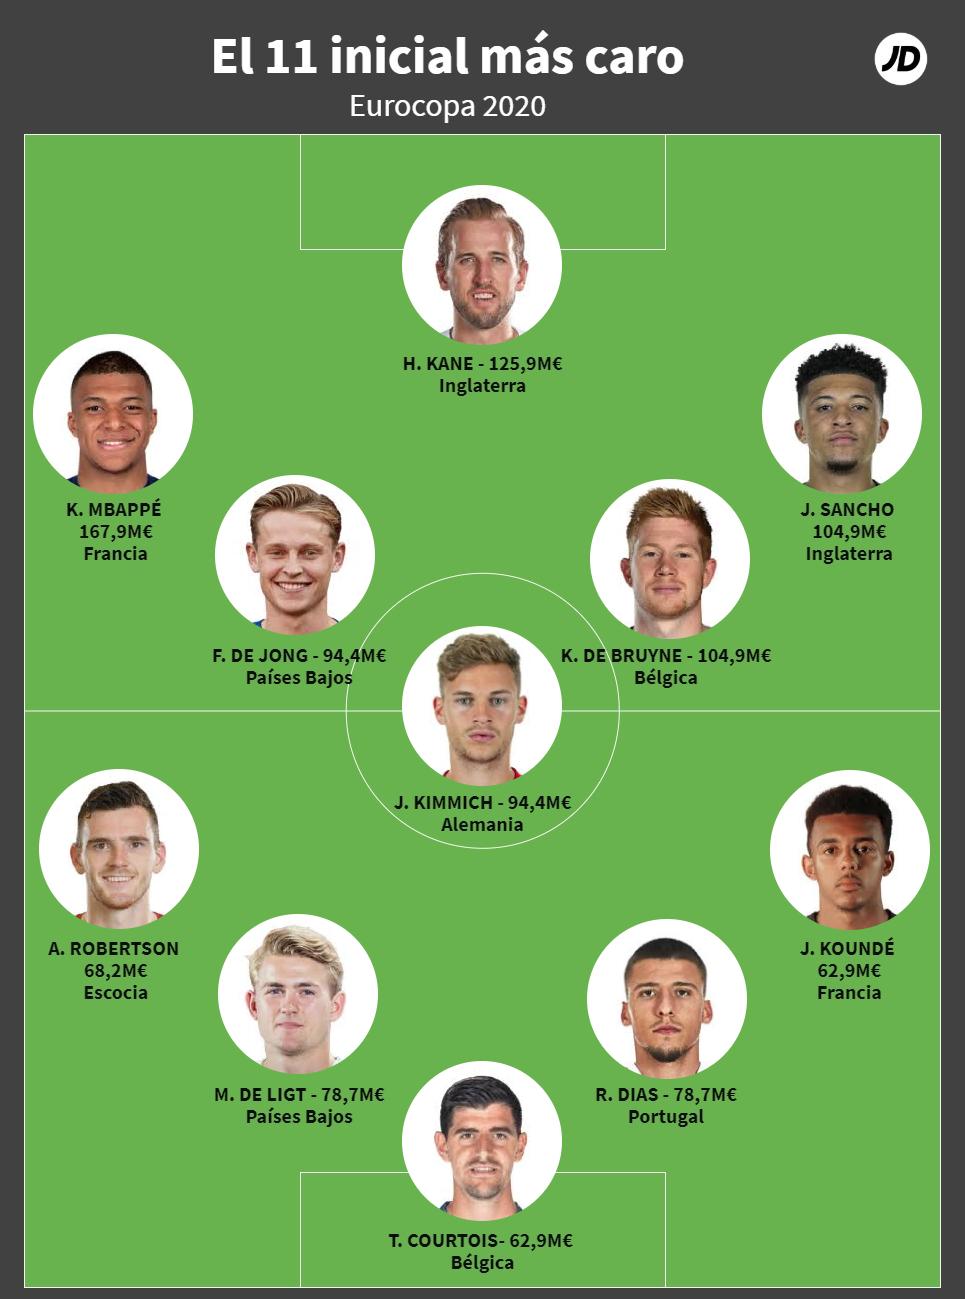 11 inicial de la Eurocopa 2020 con los jugadores más caros